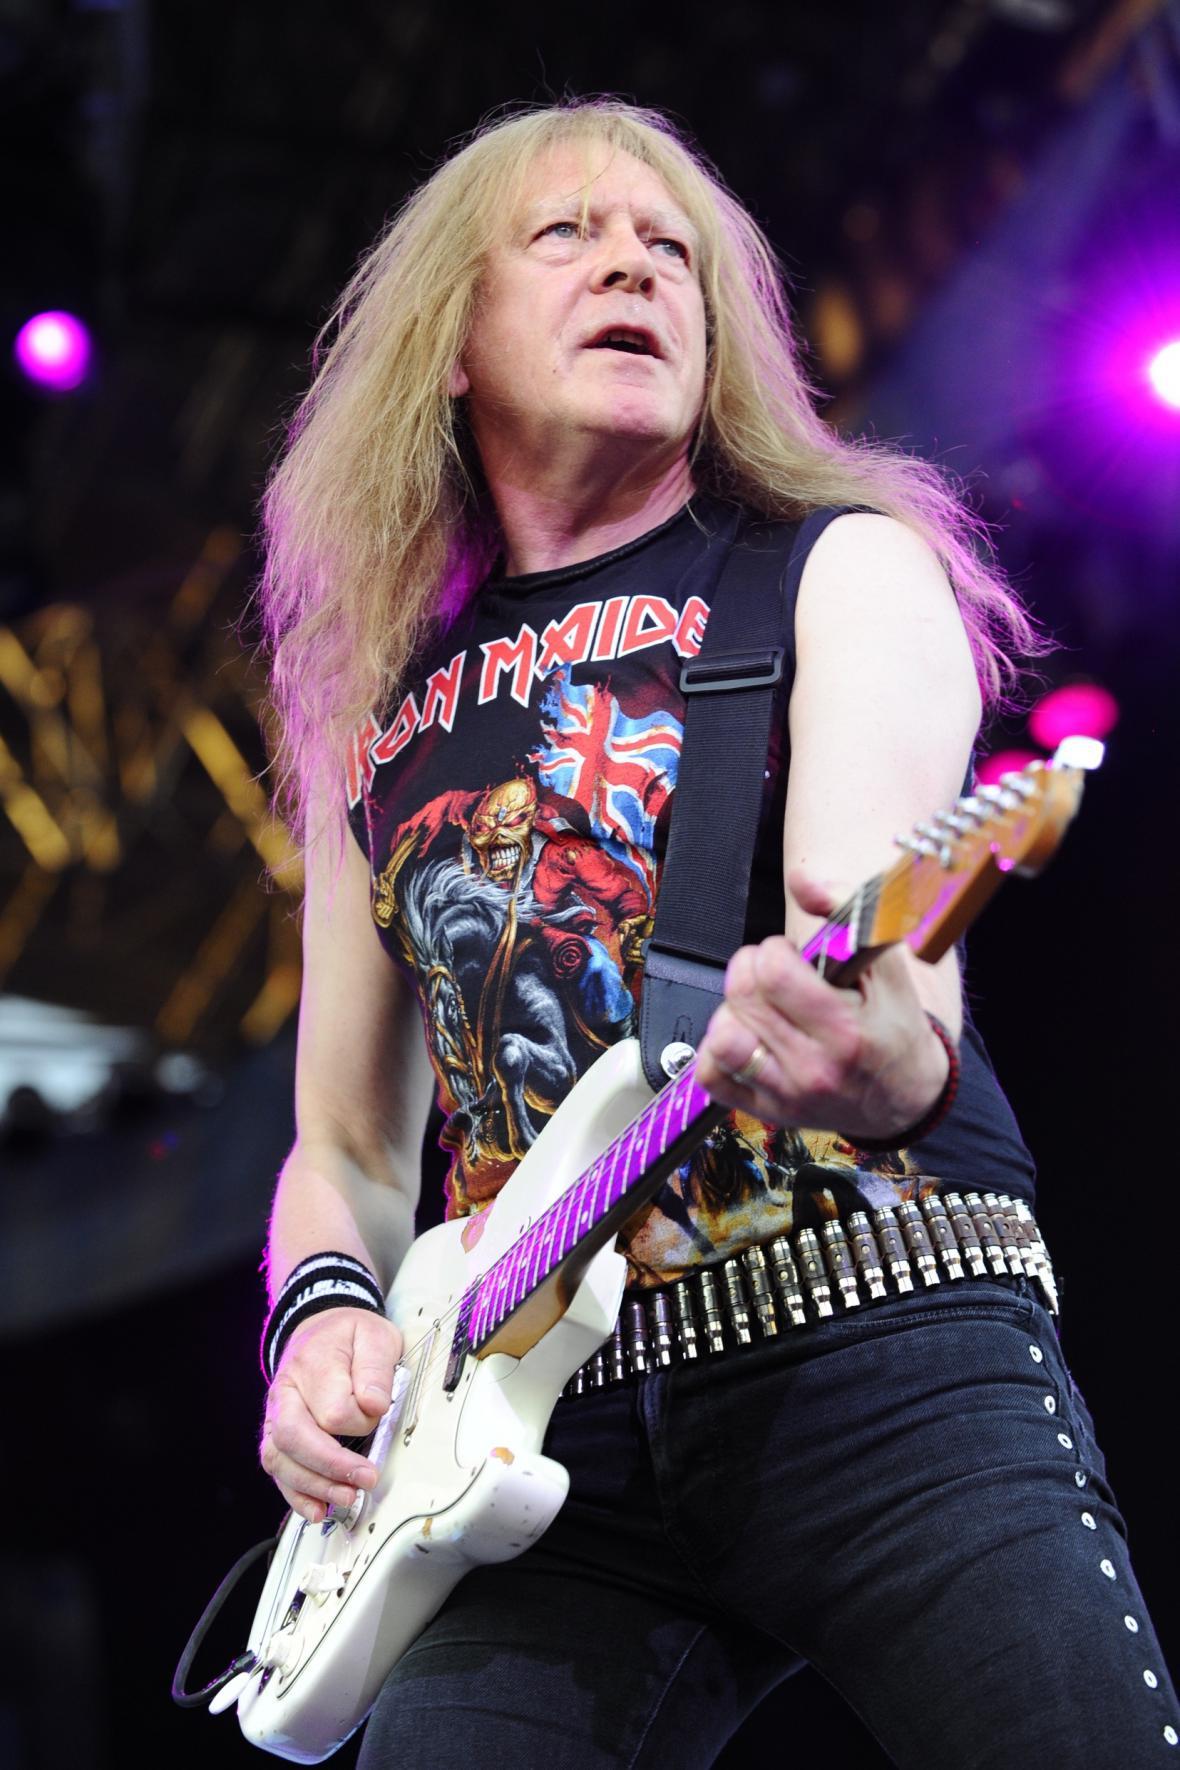 Kytarista skupiny Iron Maiden Janick Gers